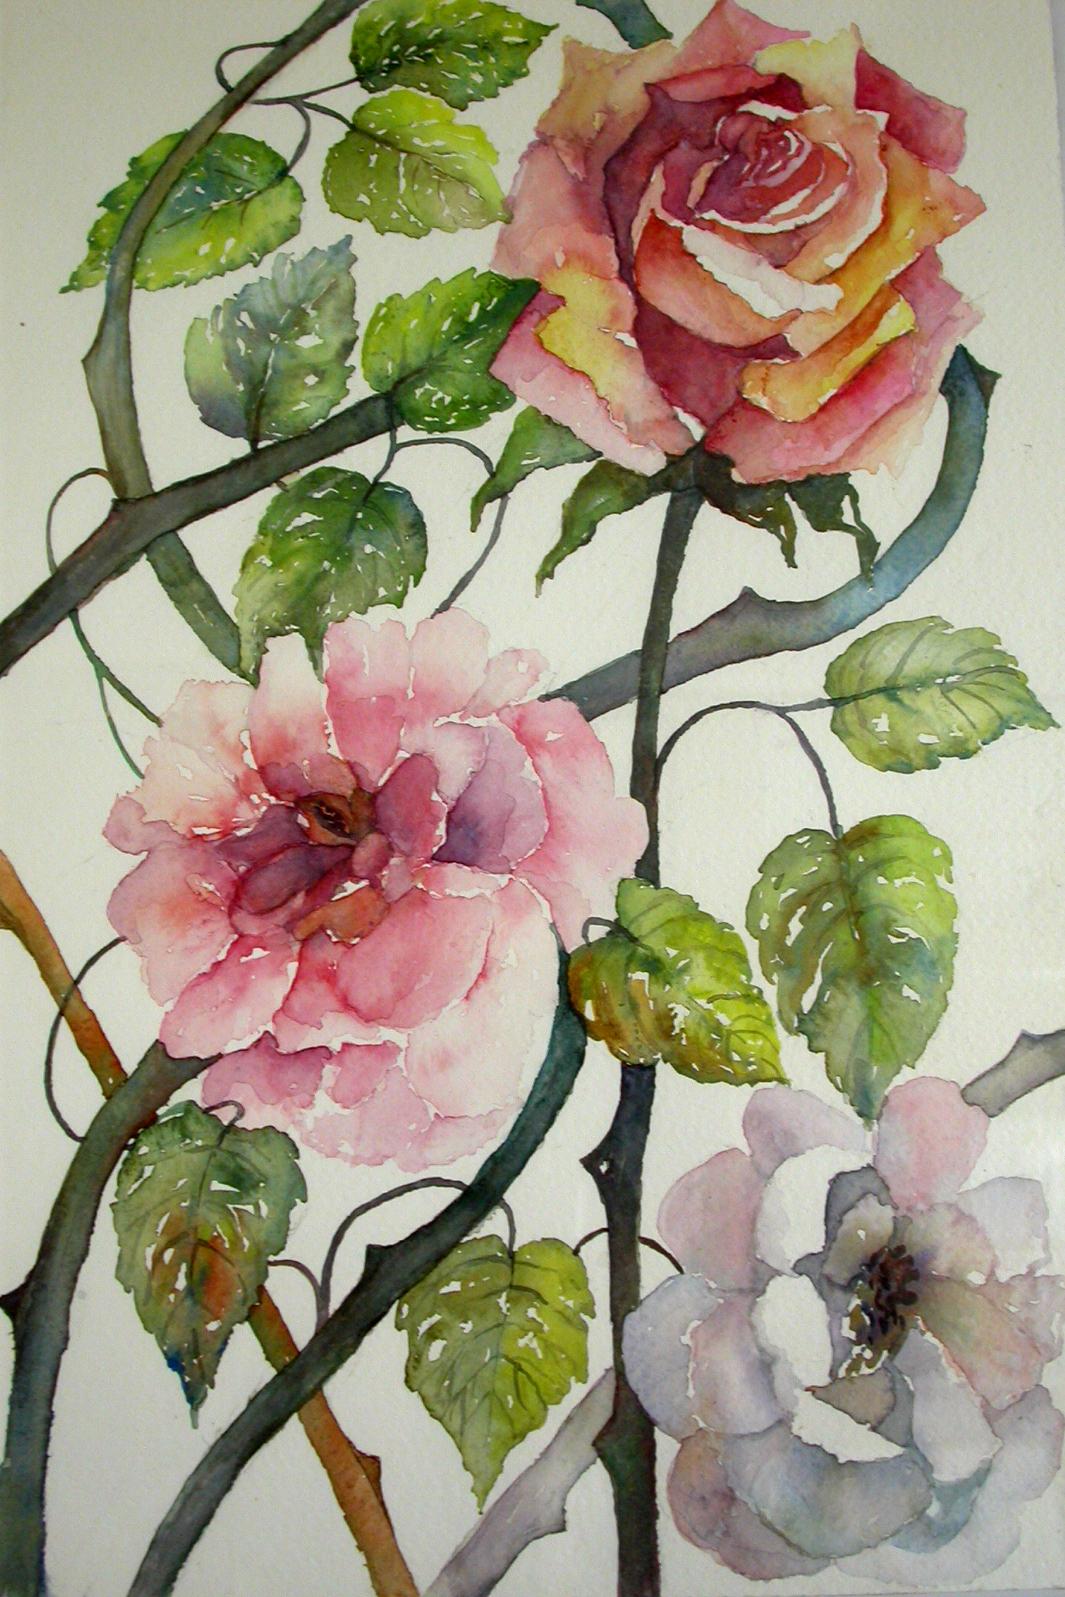 Dipinti di nara burgalassi fiori e foglie acqua e colore for Fiori di ciliegio dipinti